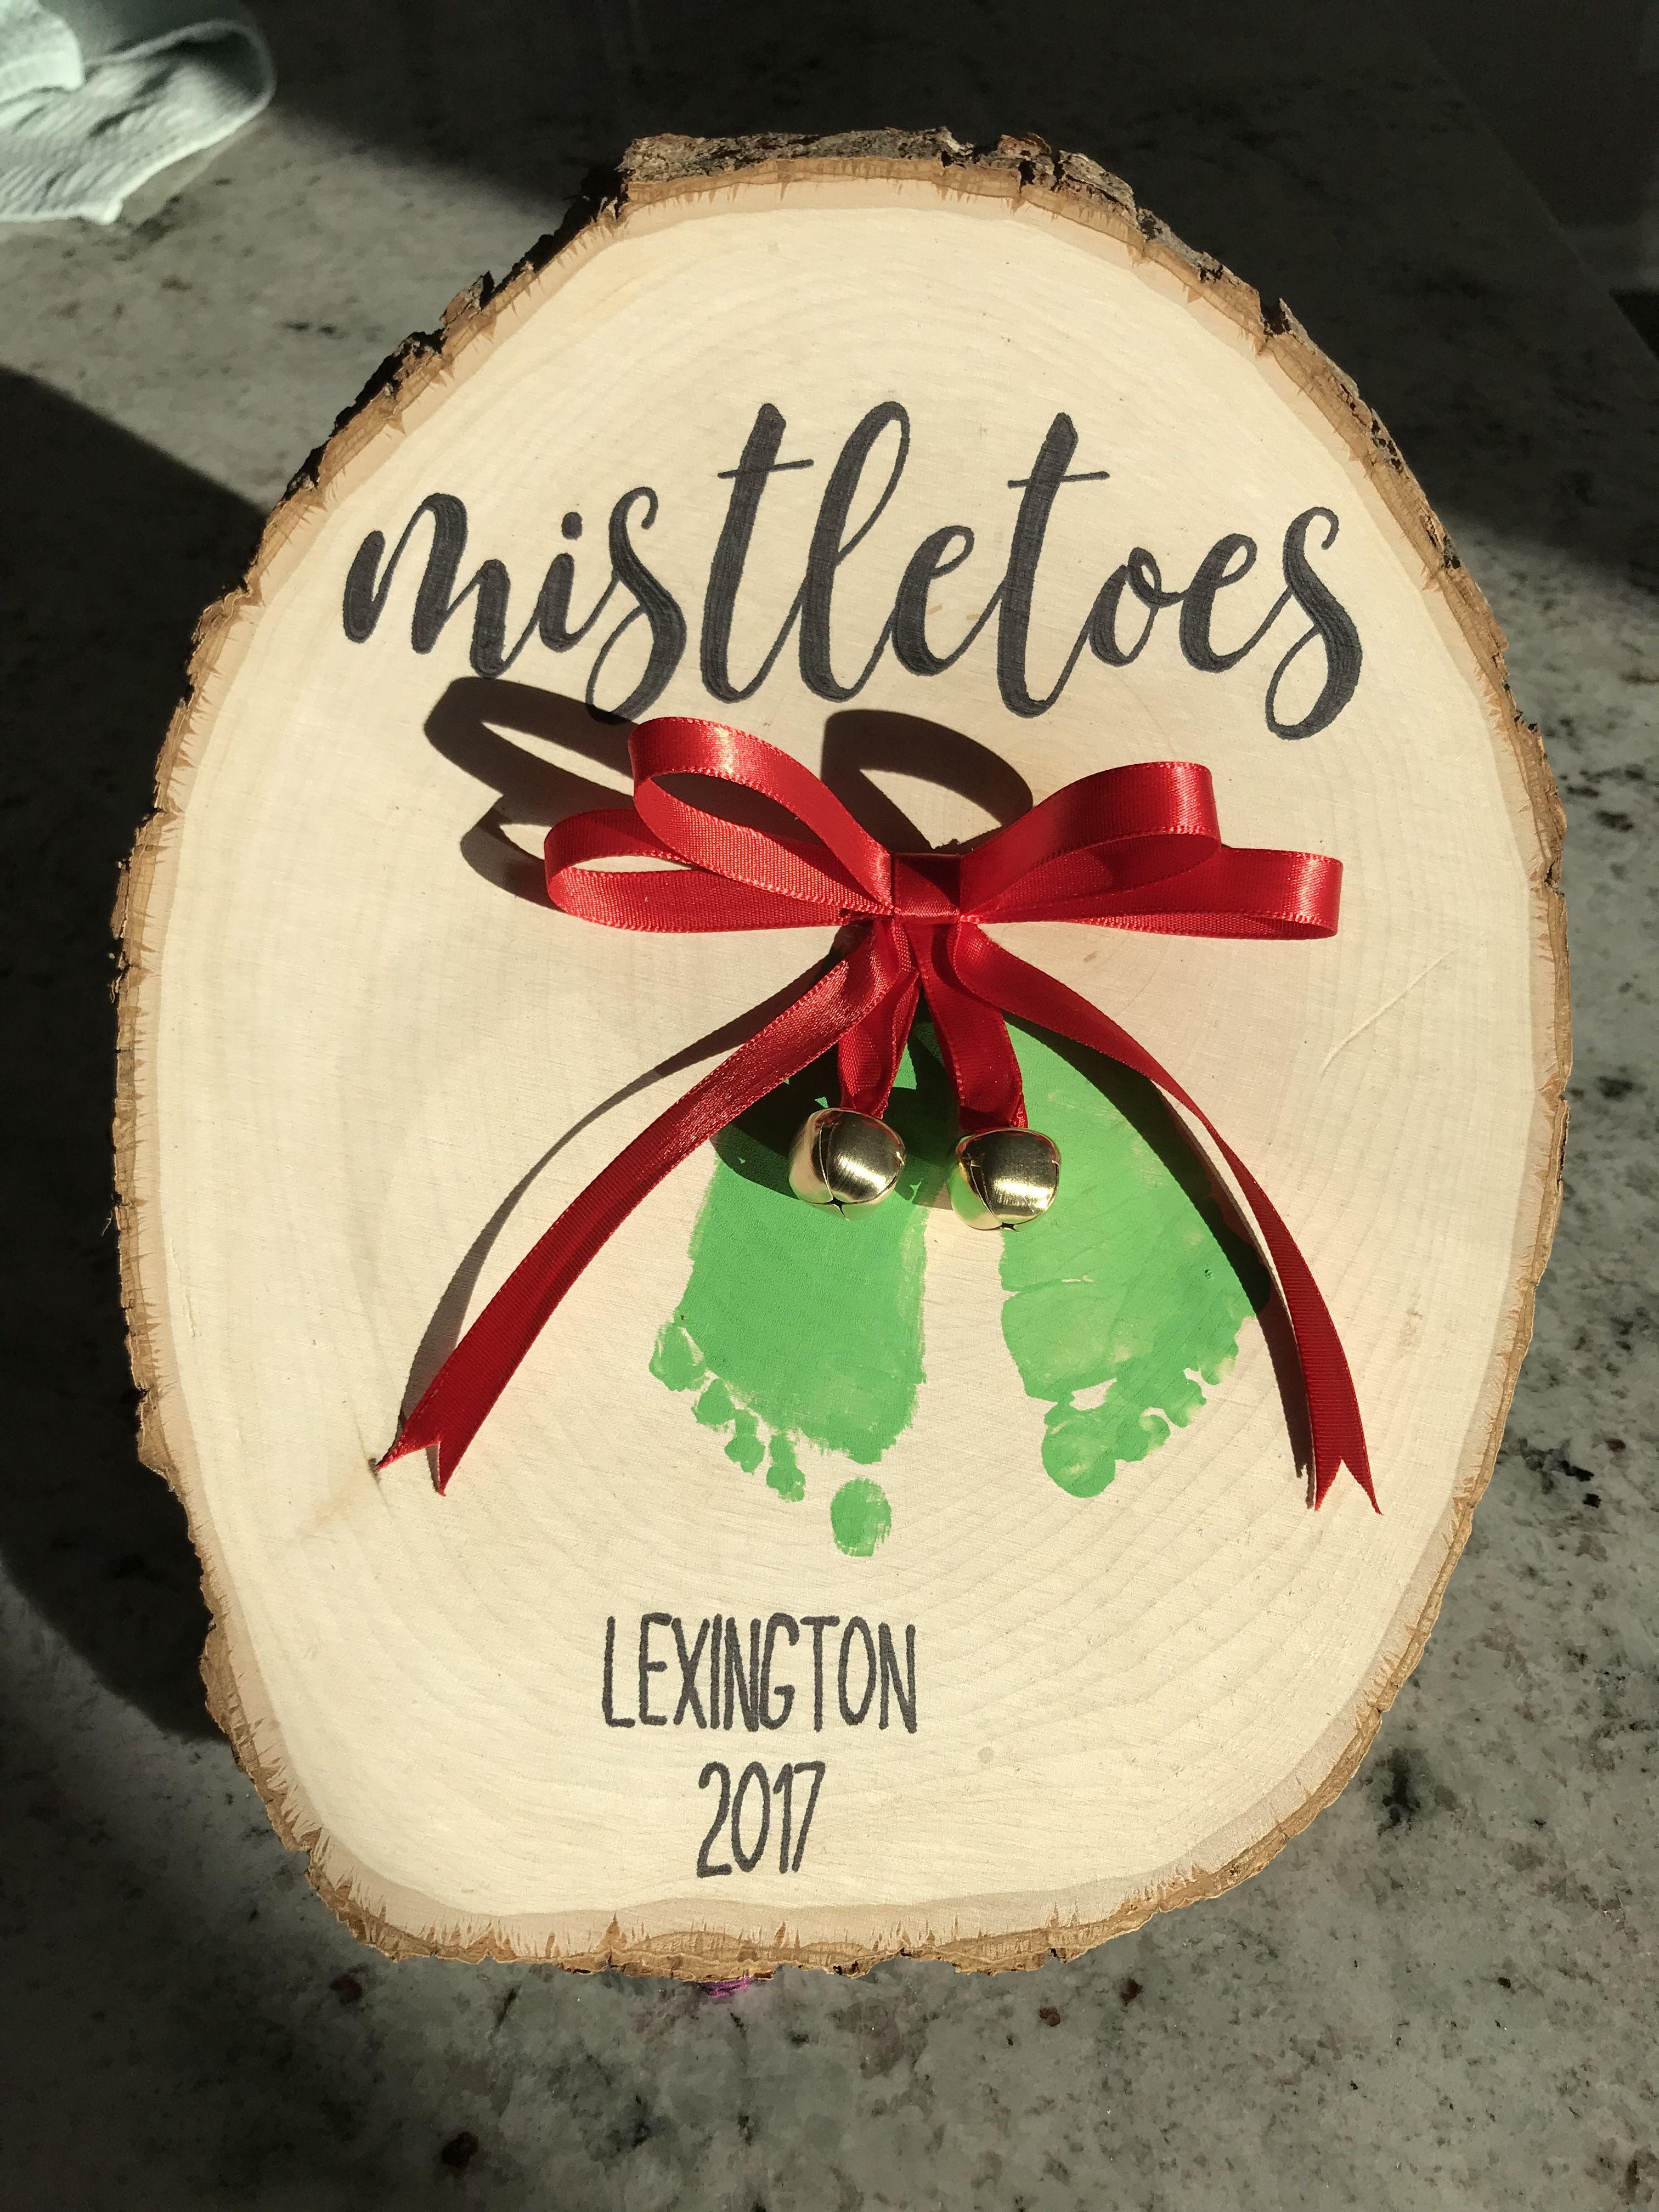 Mistletoes! Christmas footprint keepsake craft #mistletoesfootprintcraft